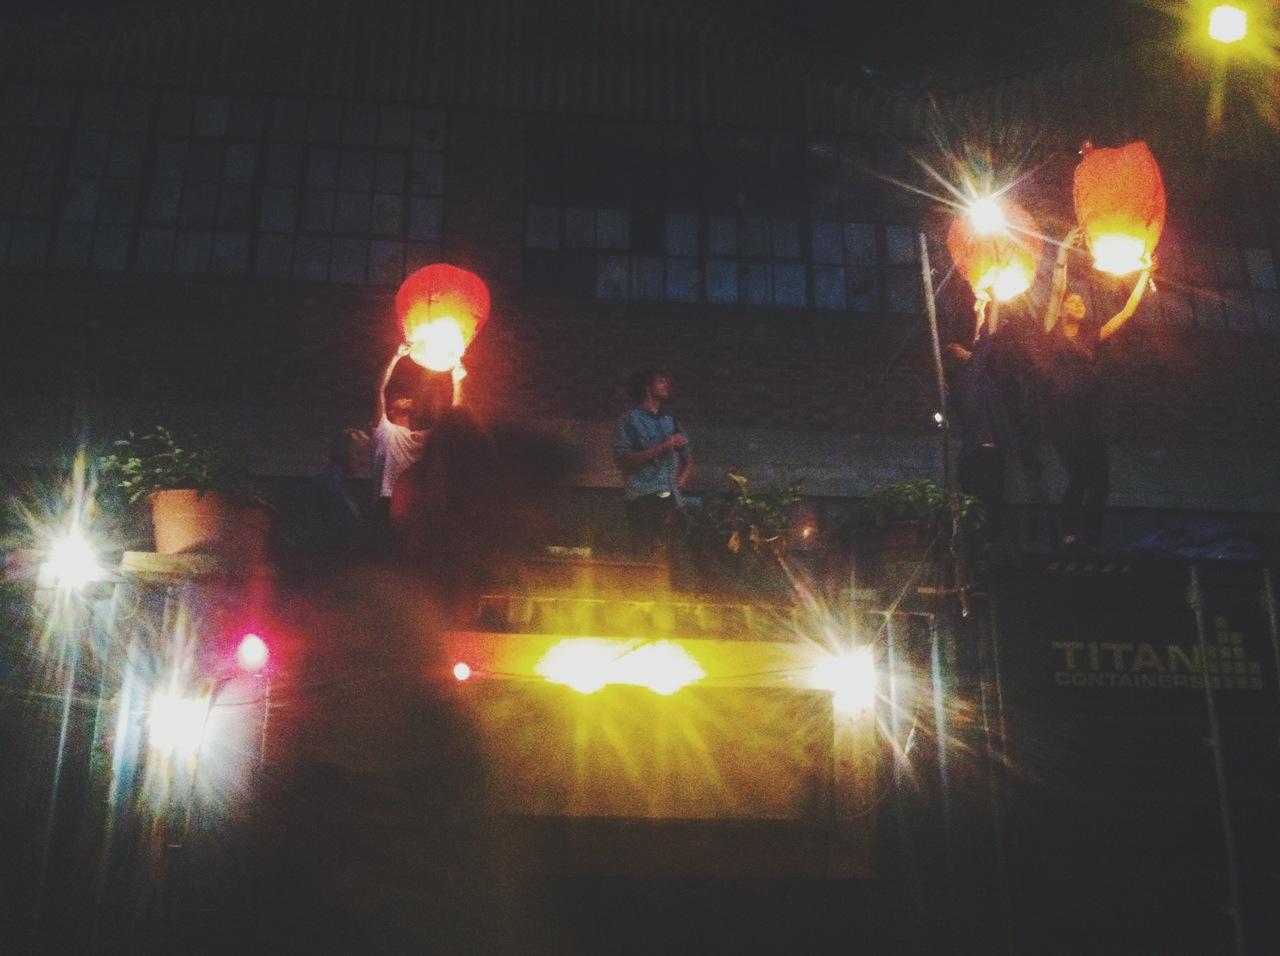 Making wishes on lanterns.